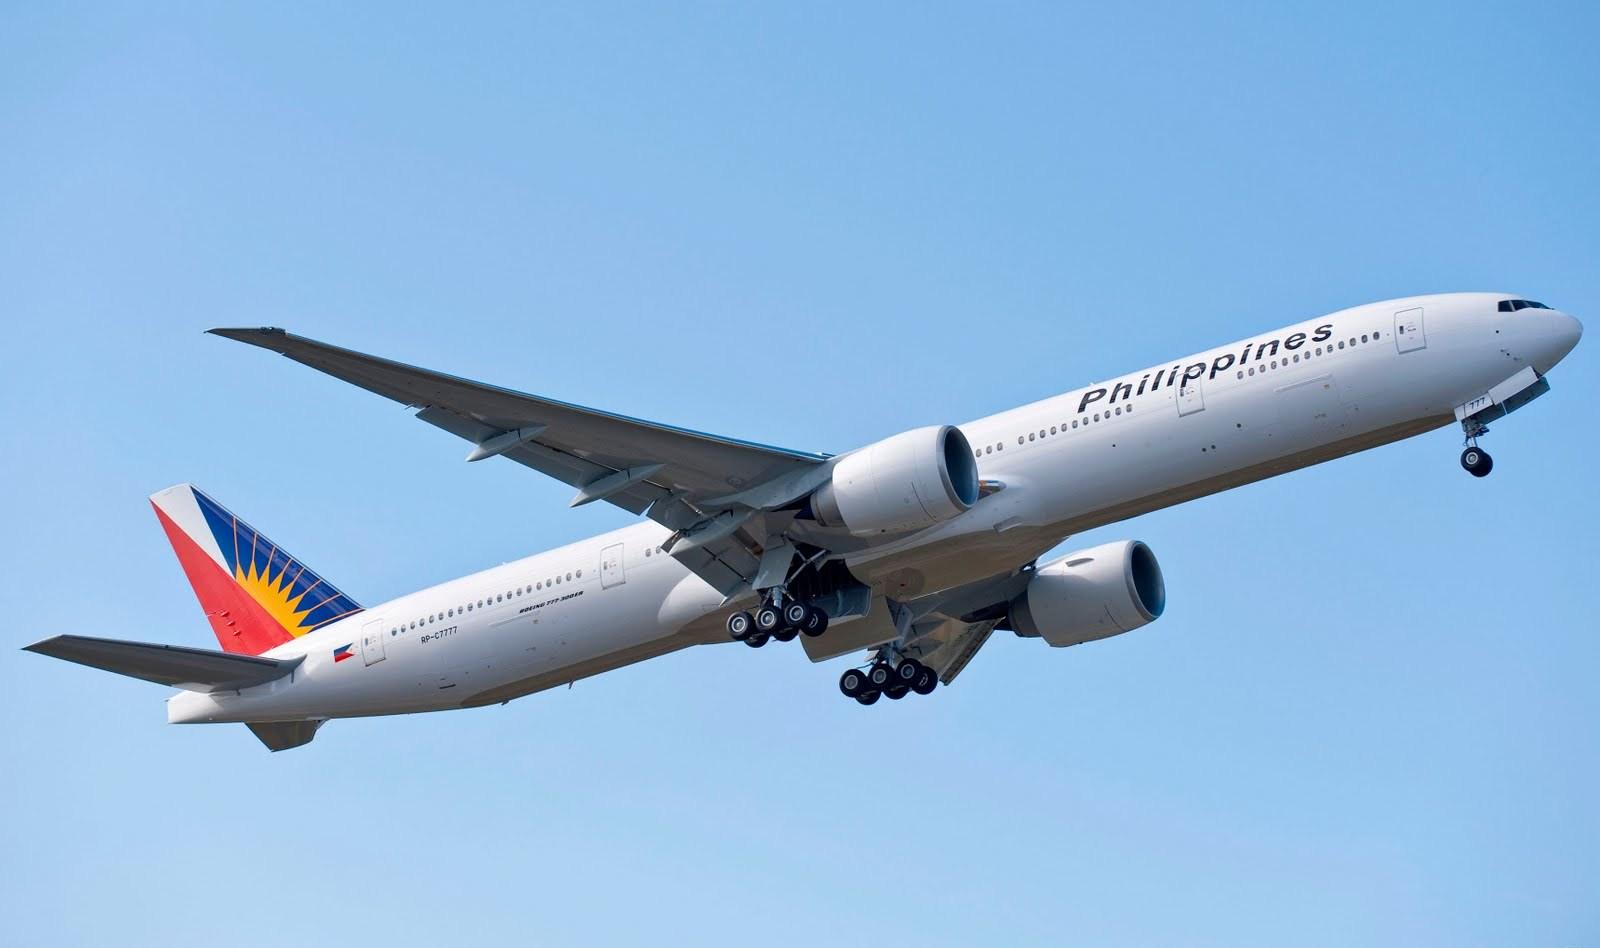 http://2.bp.blogspot.com/-cZngJqaroBw/UDzi4DcaMBI/AAAAAAAALTg/yVEb02WeRHc/s1600/boeing_777-300er_phillipine_airlines_first_livery.jpg